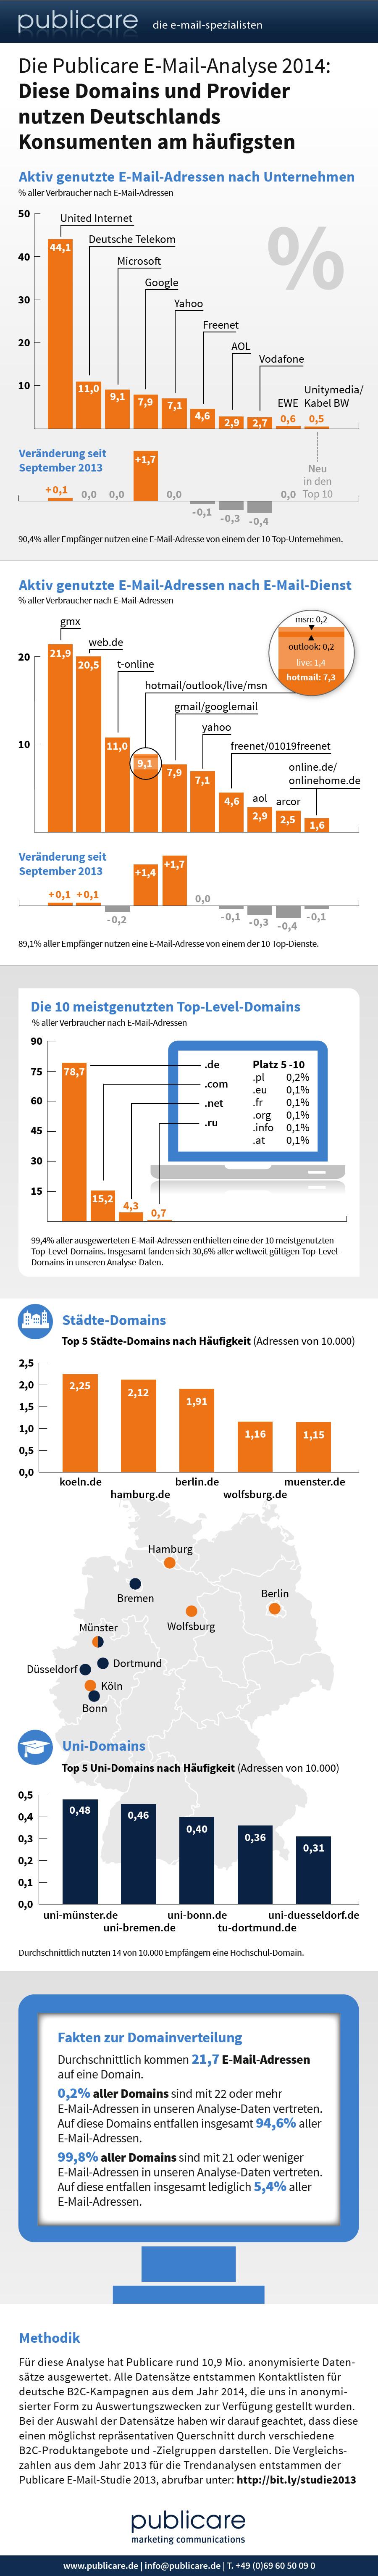 Publicare E-Mail Studie 2014